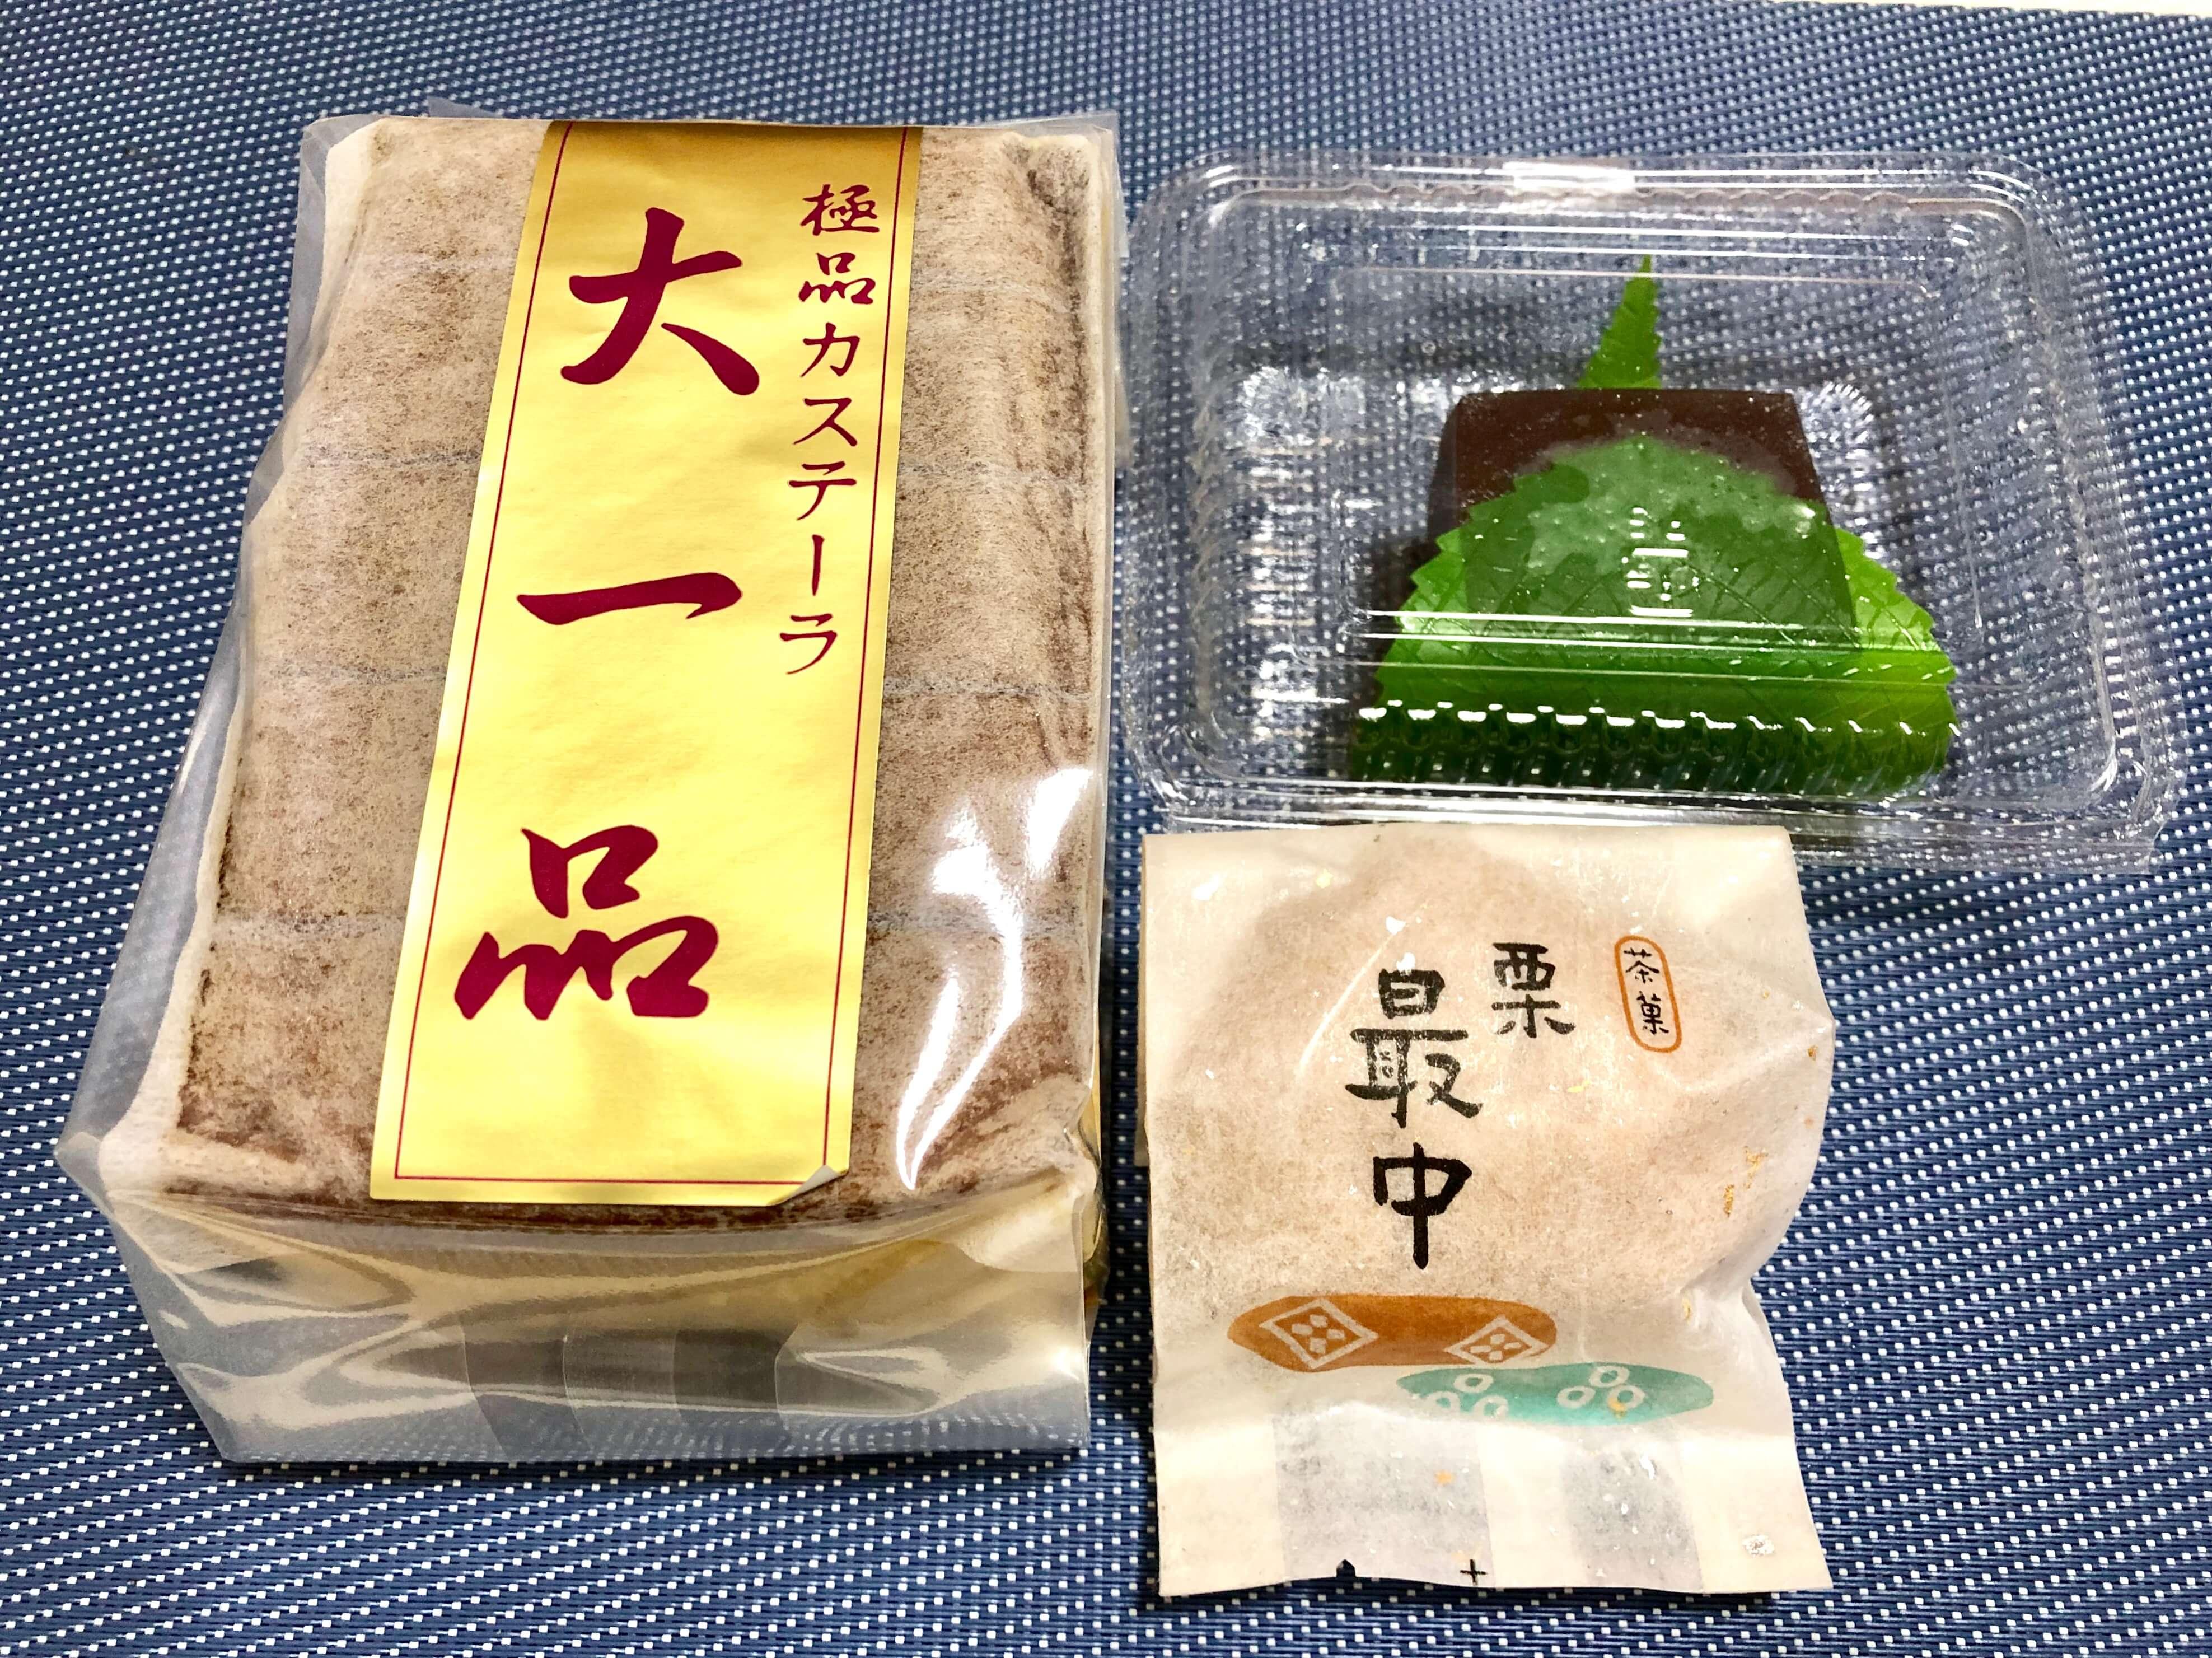 菓匠つくも|上尾駅西口の人気和菓子店!カステラなどおすすめ商品を紹介